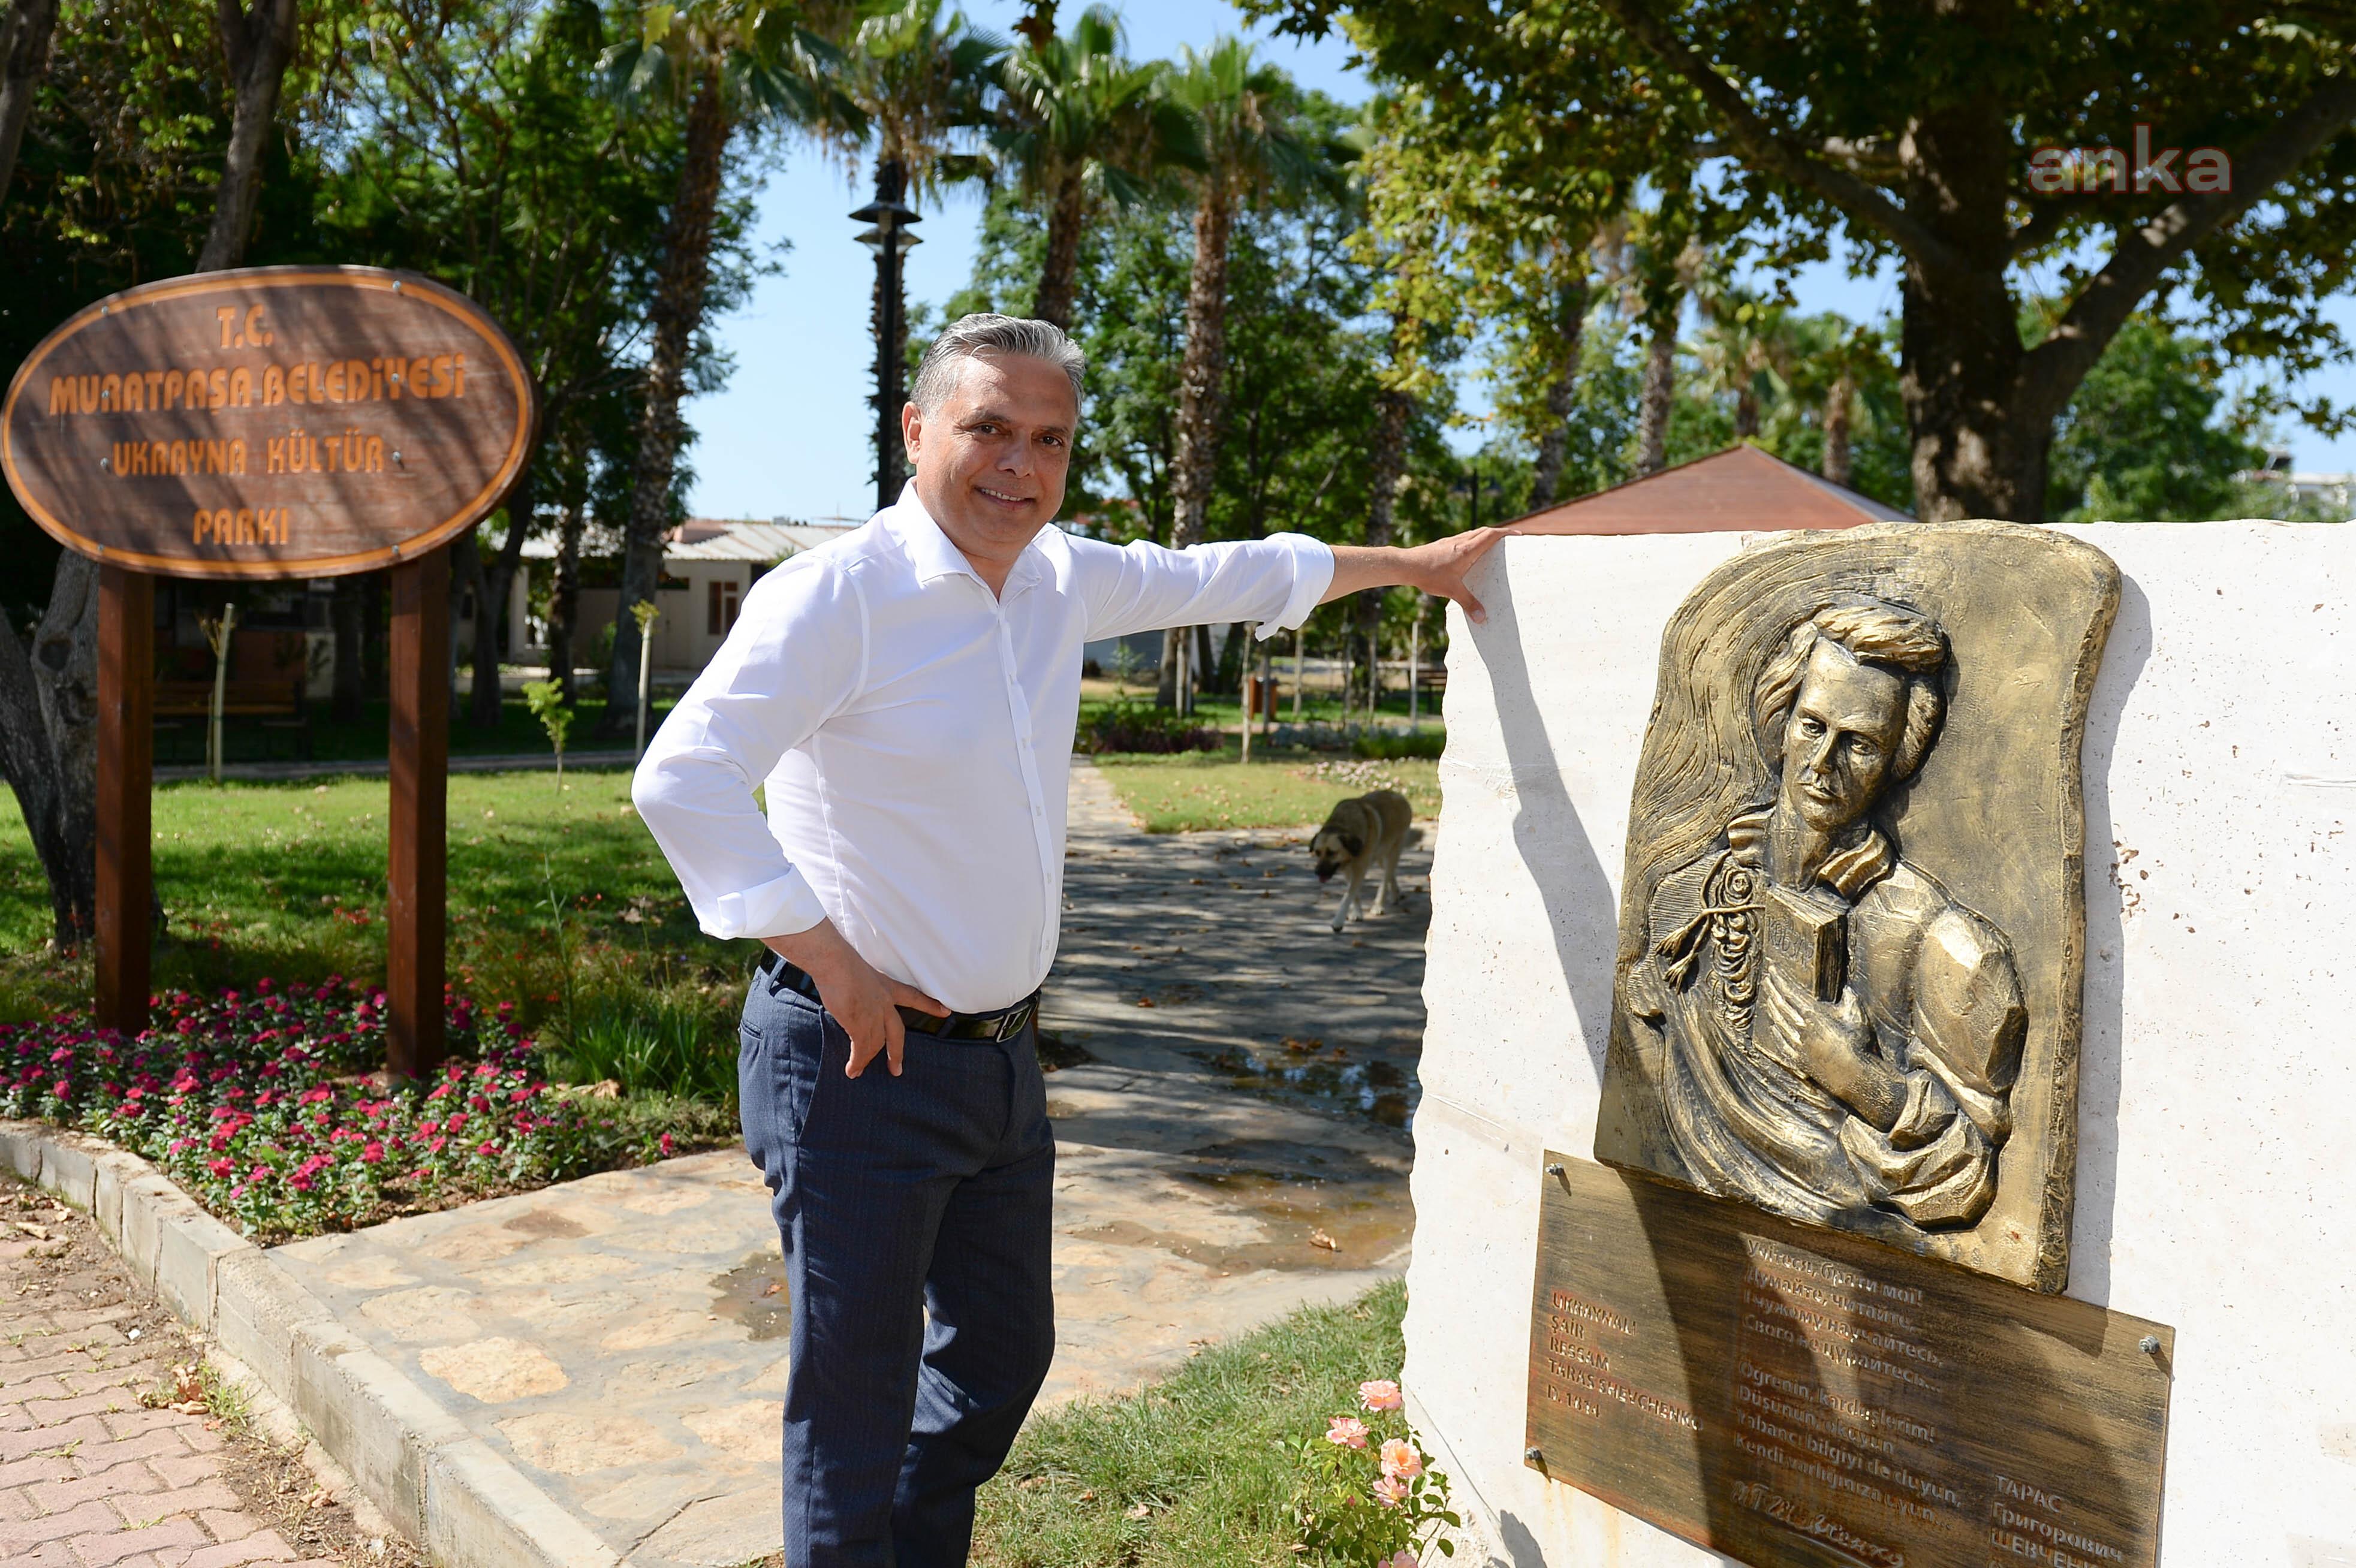 Muratpaşa'da Ukrayna Kültür Parkı açılıyor